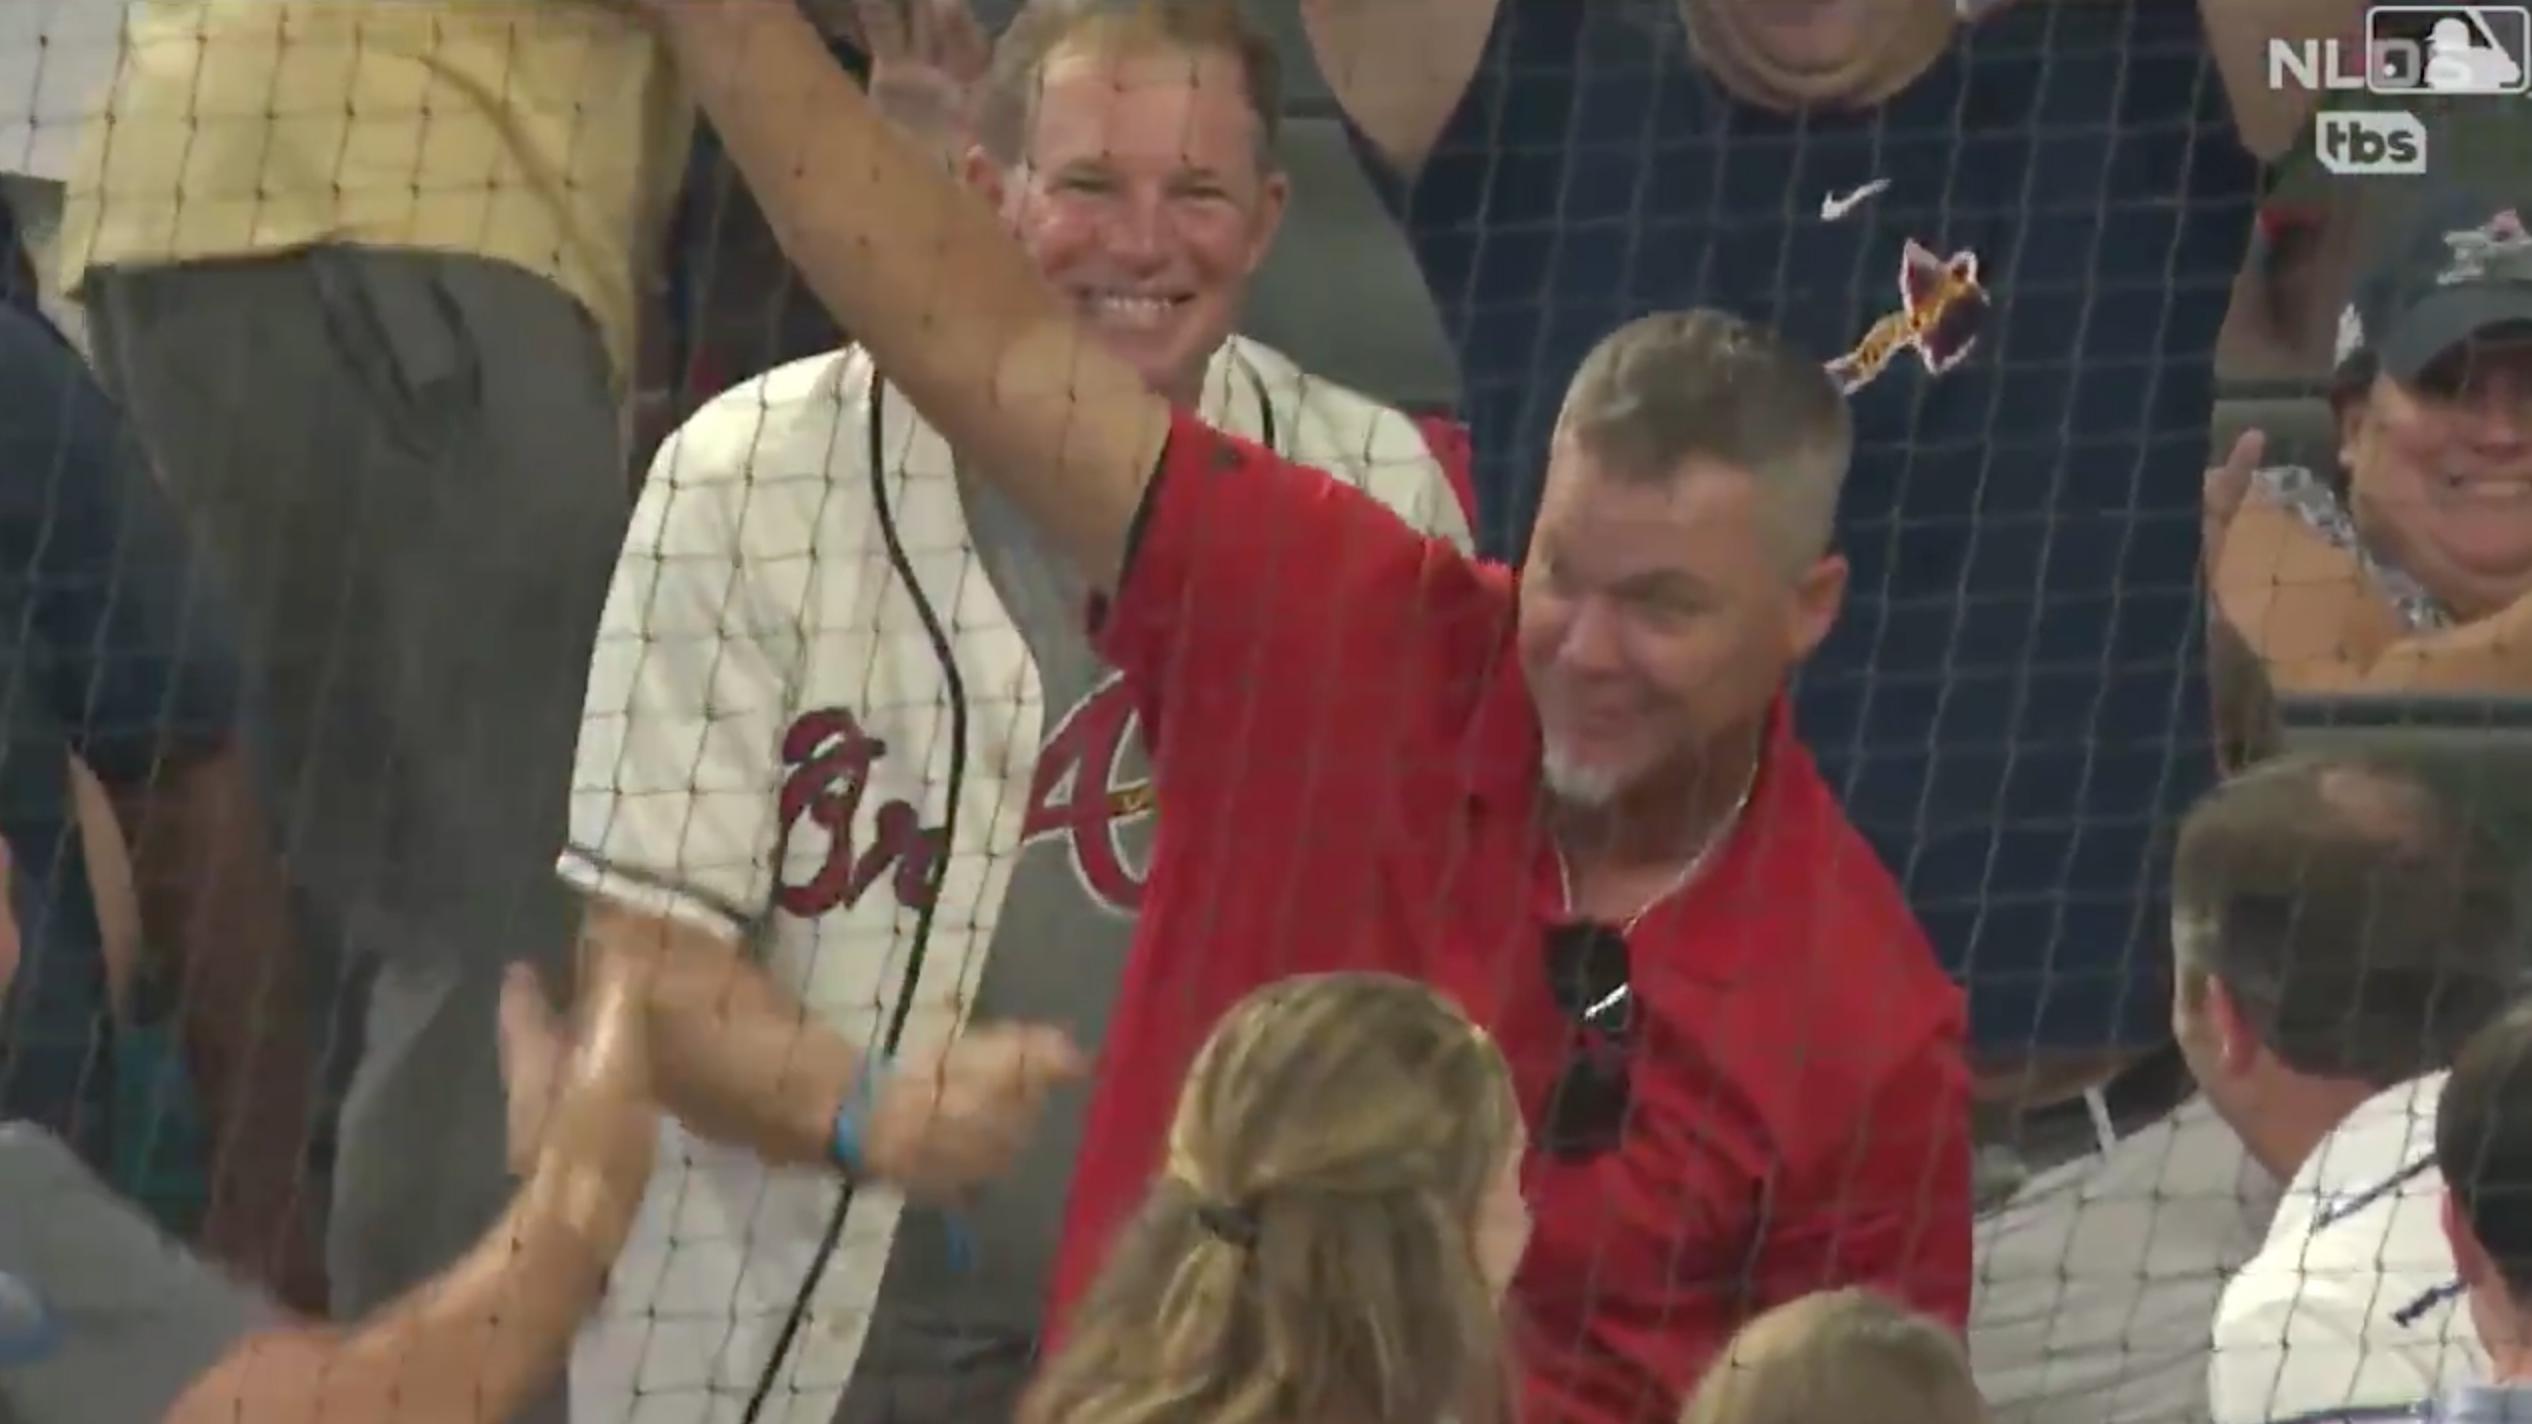 Braves-Cardinals: Chipper Jones catches foul ball (video)